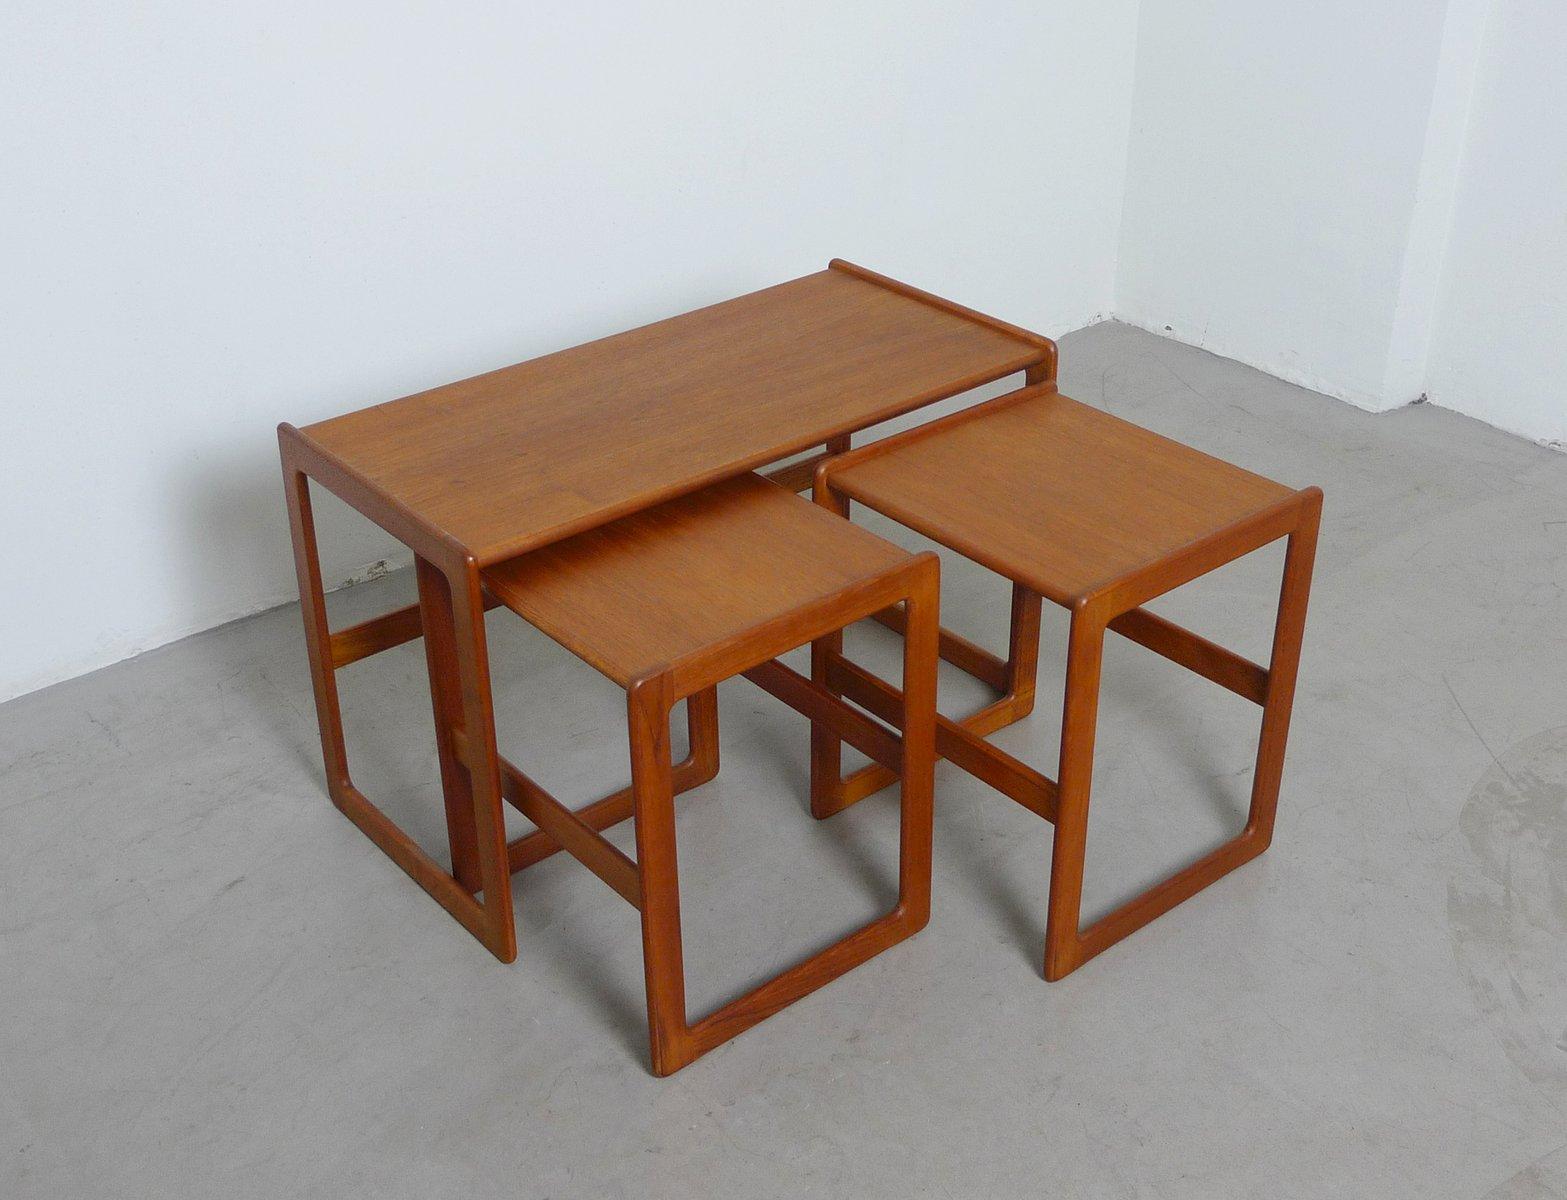 Danish Teak Nesting Tables By Arne Hovmand Olsen For Mogens Kold, 1960s,  Set Of 3 For Sale At Pamono